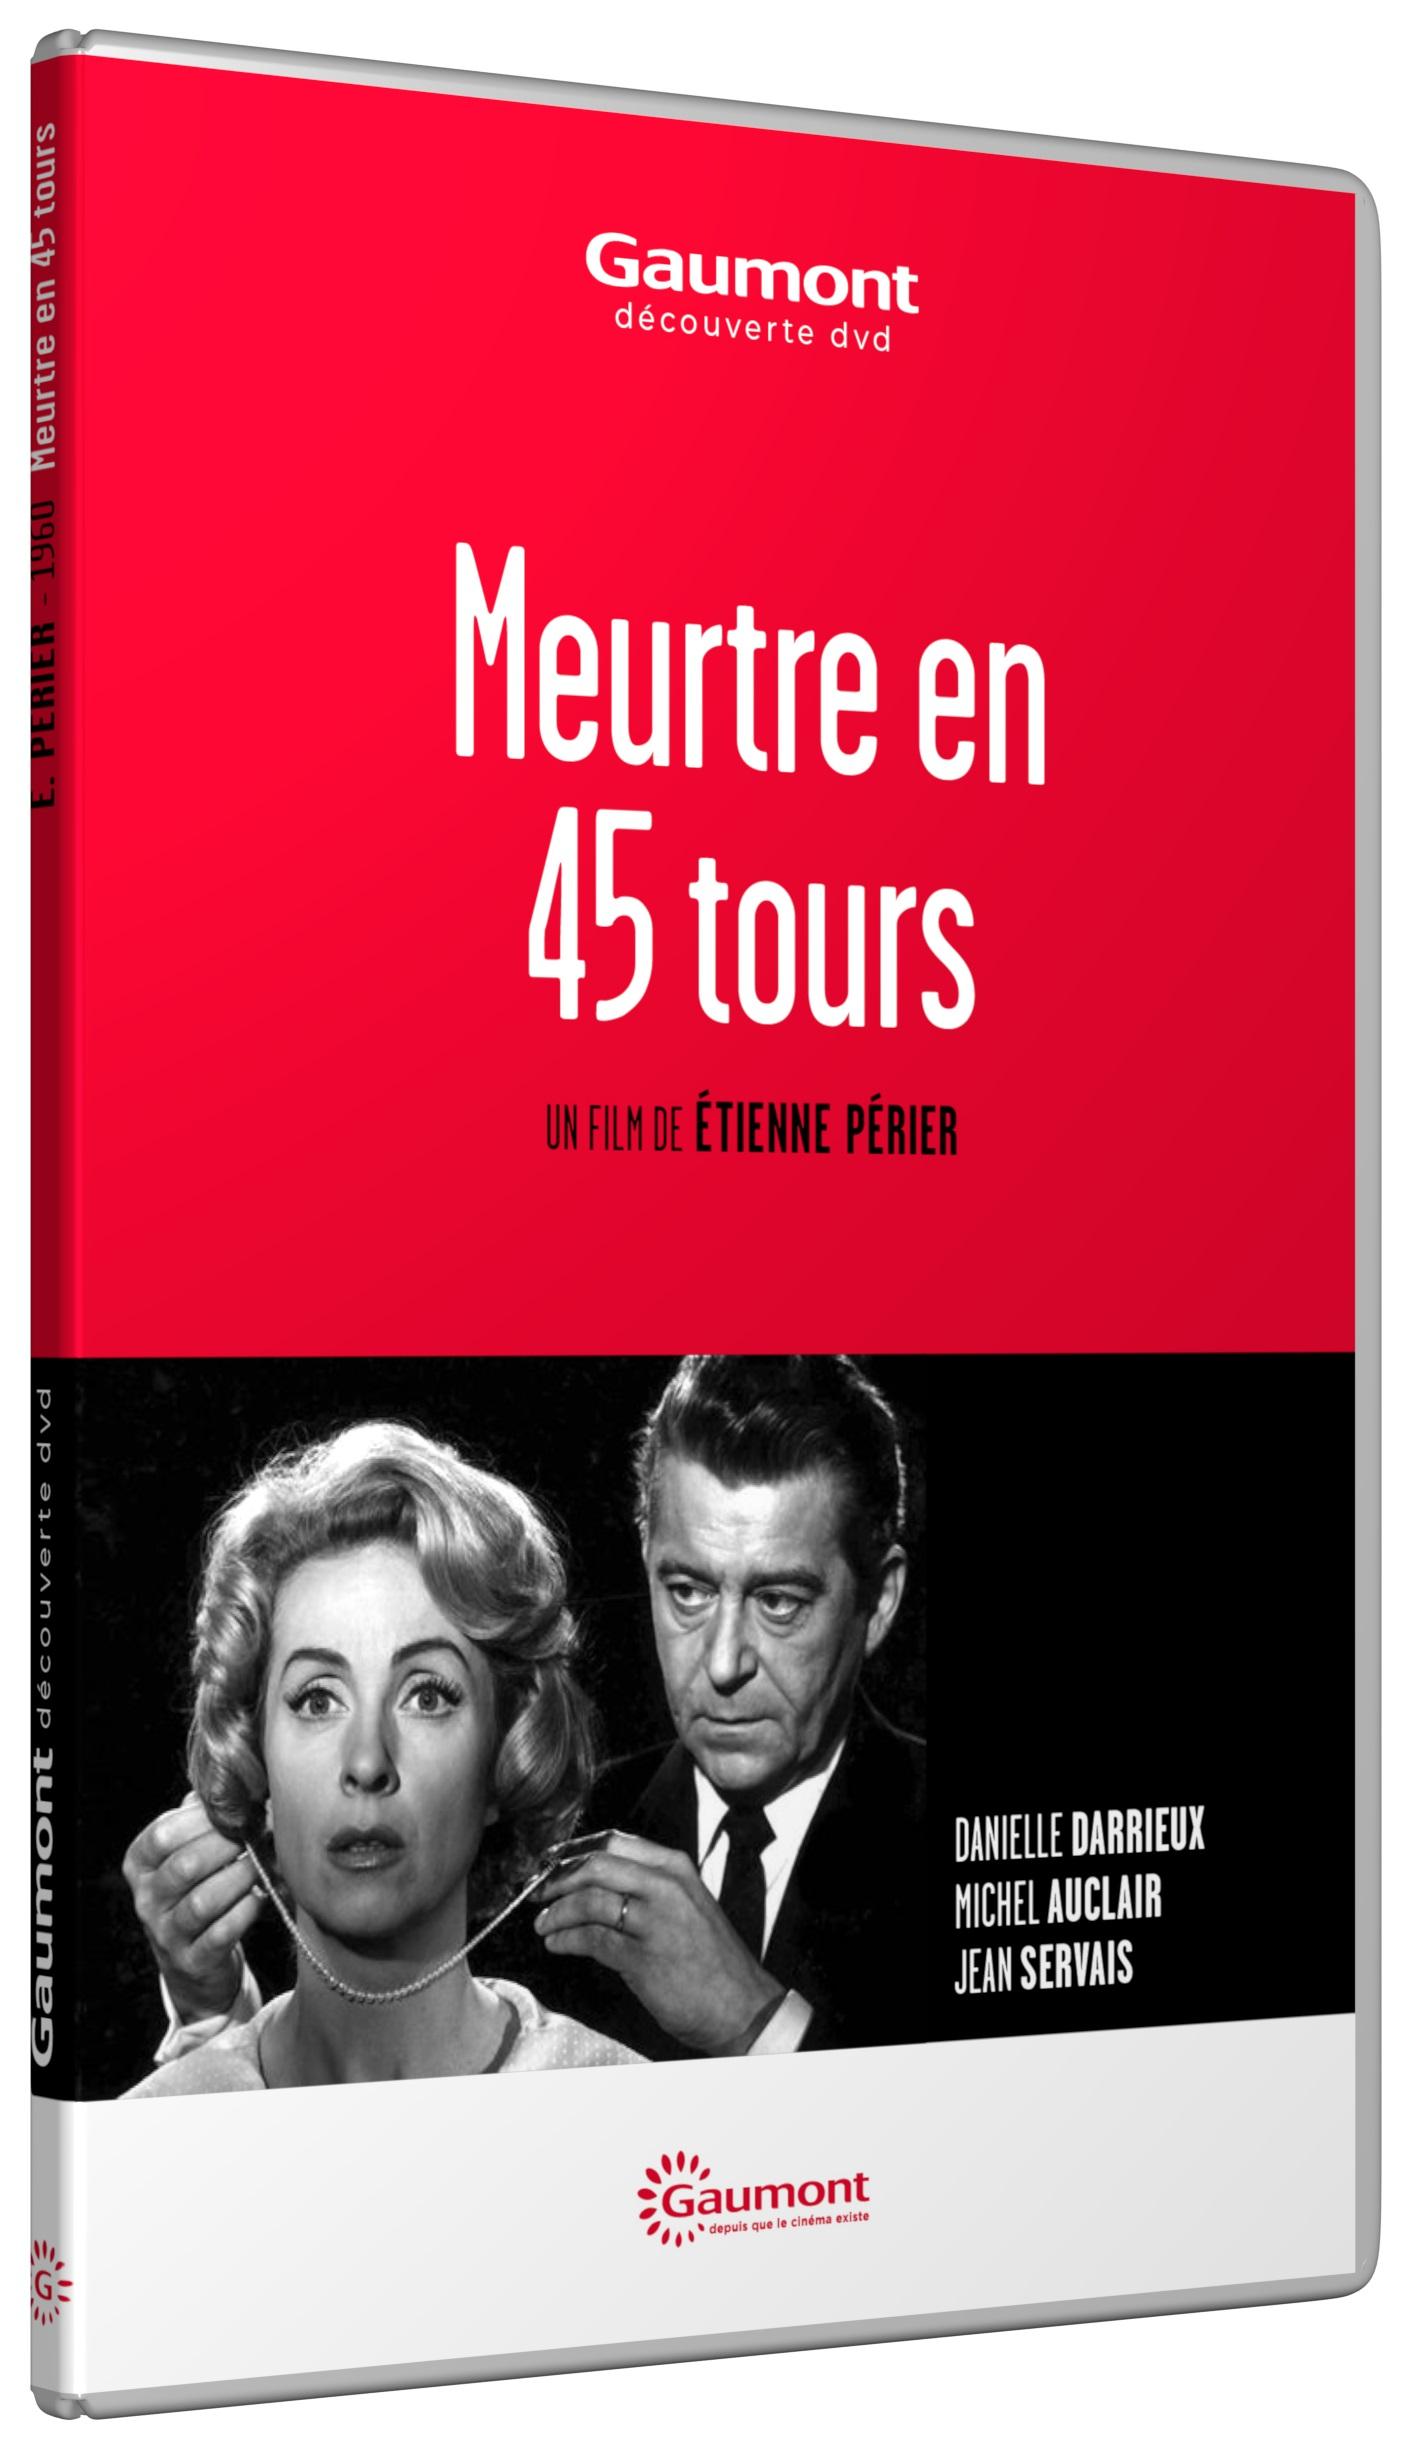 MEURTRE EN 45 TOURS